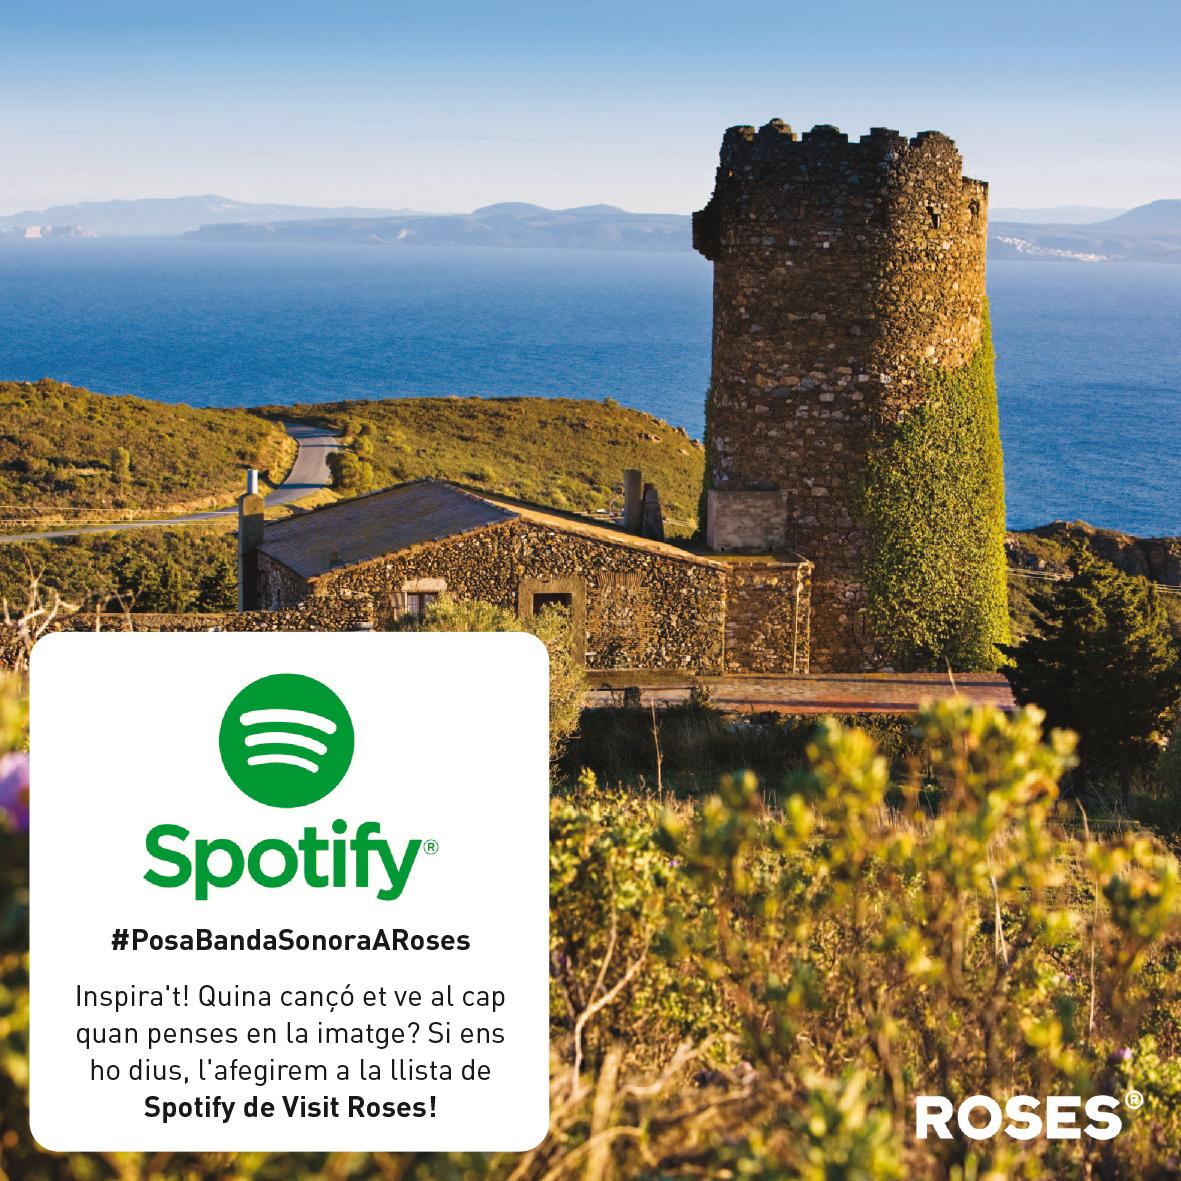 Llistes d'Spotify posaran banda sonora a Roses amb les cançons dels seguidors de Visit Roses